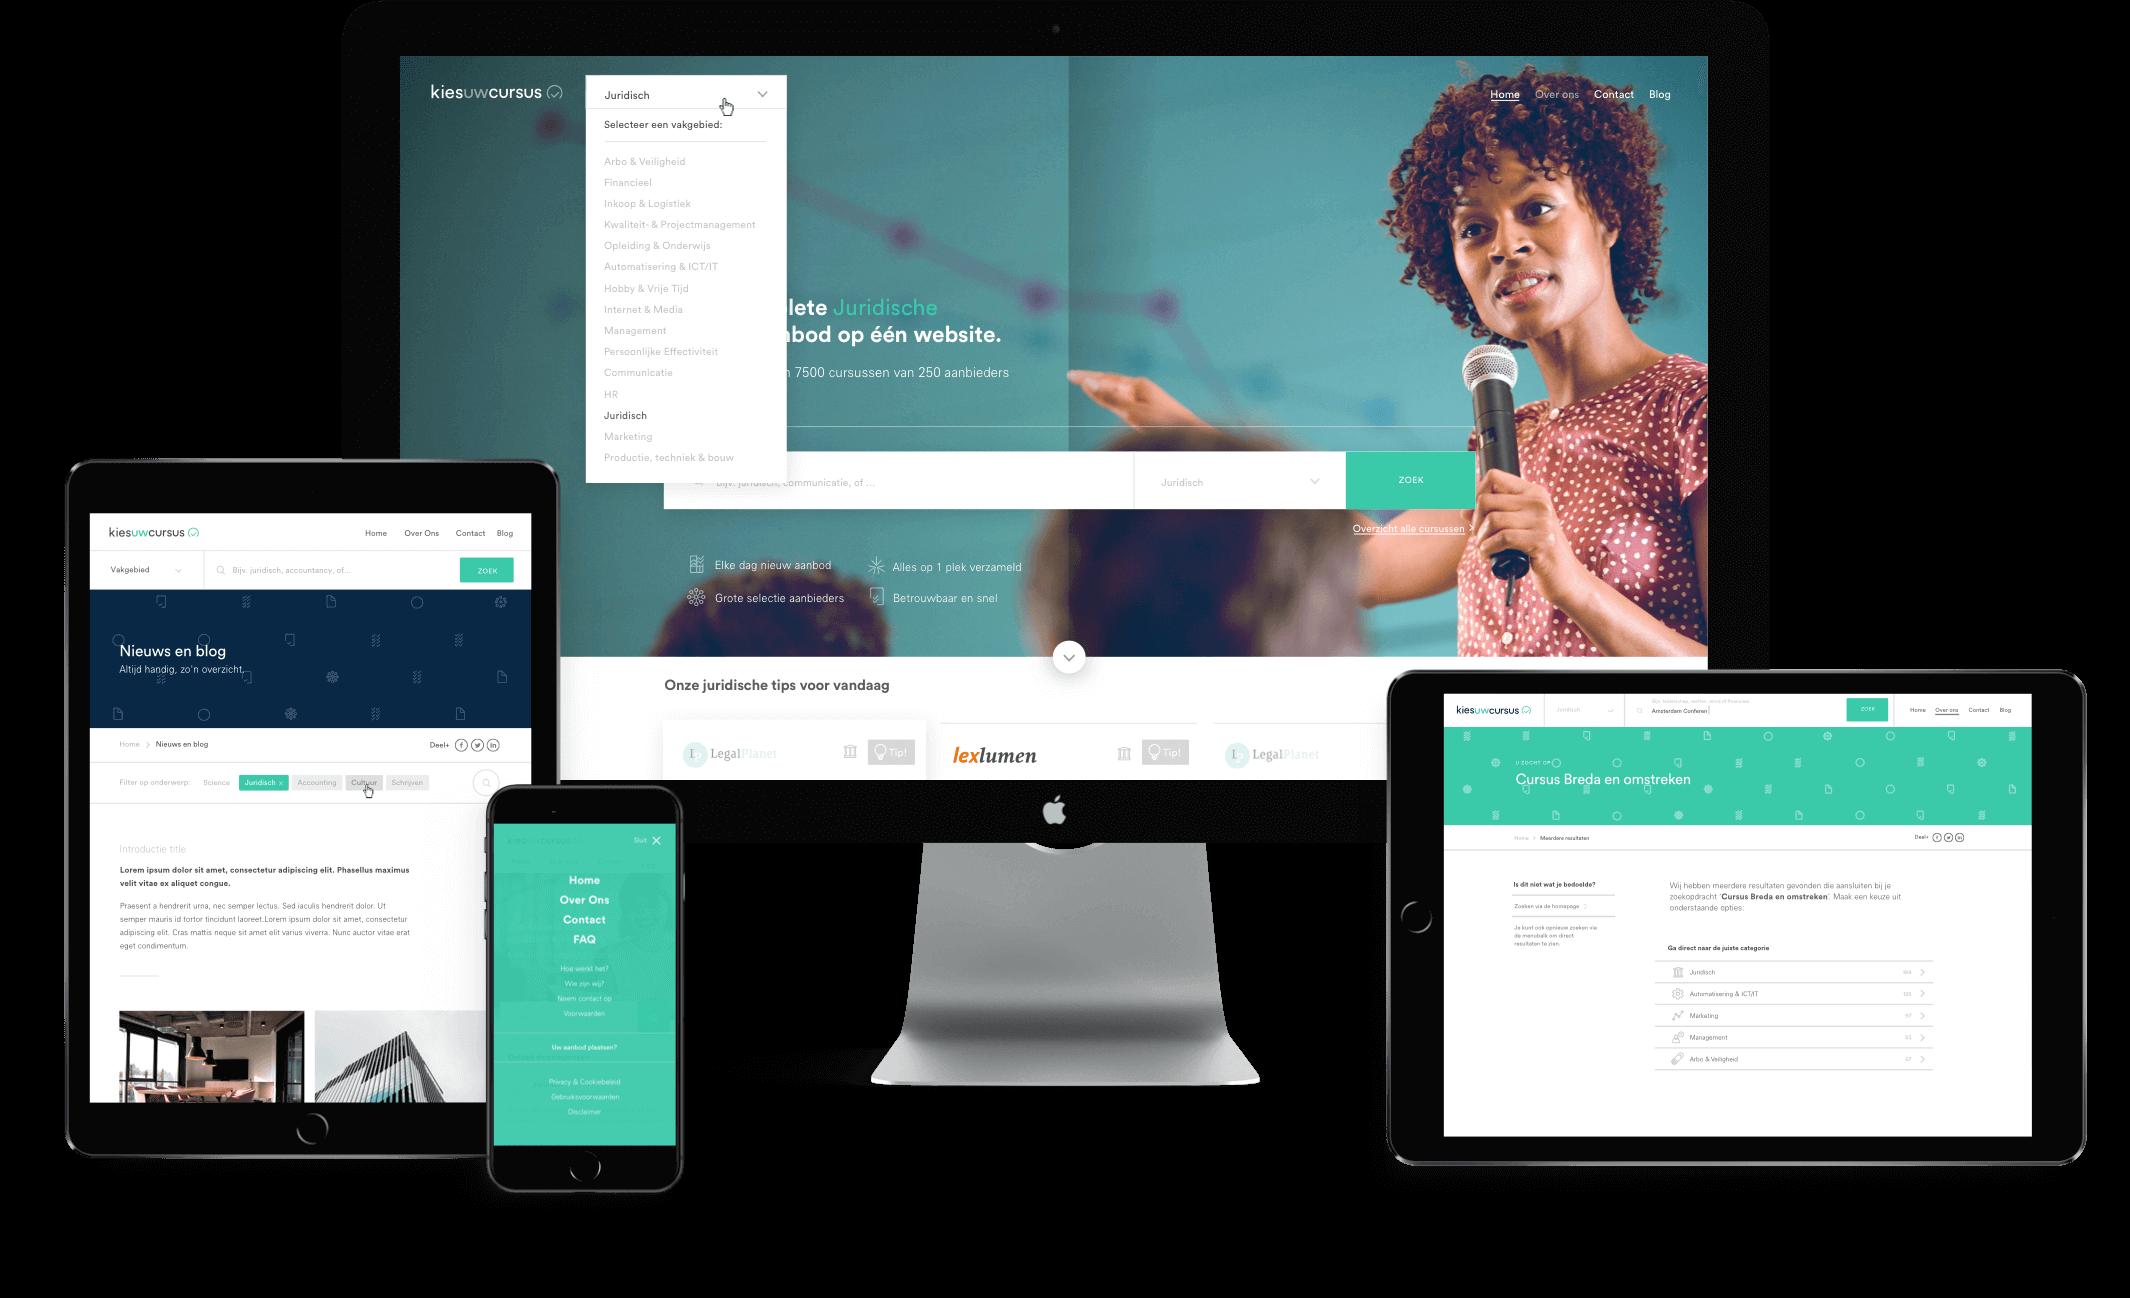 Kies uw Cursus website afgebeeld op mobiel, tablet en desktop